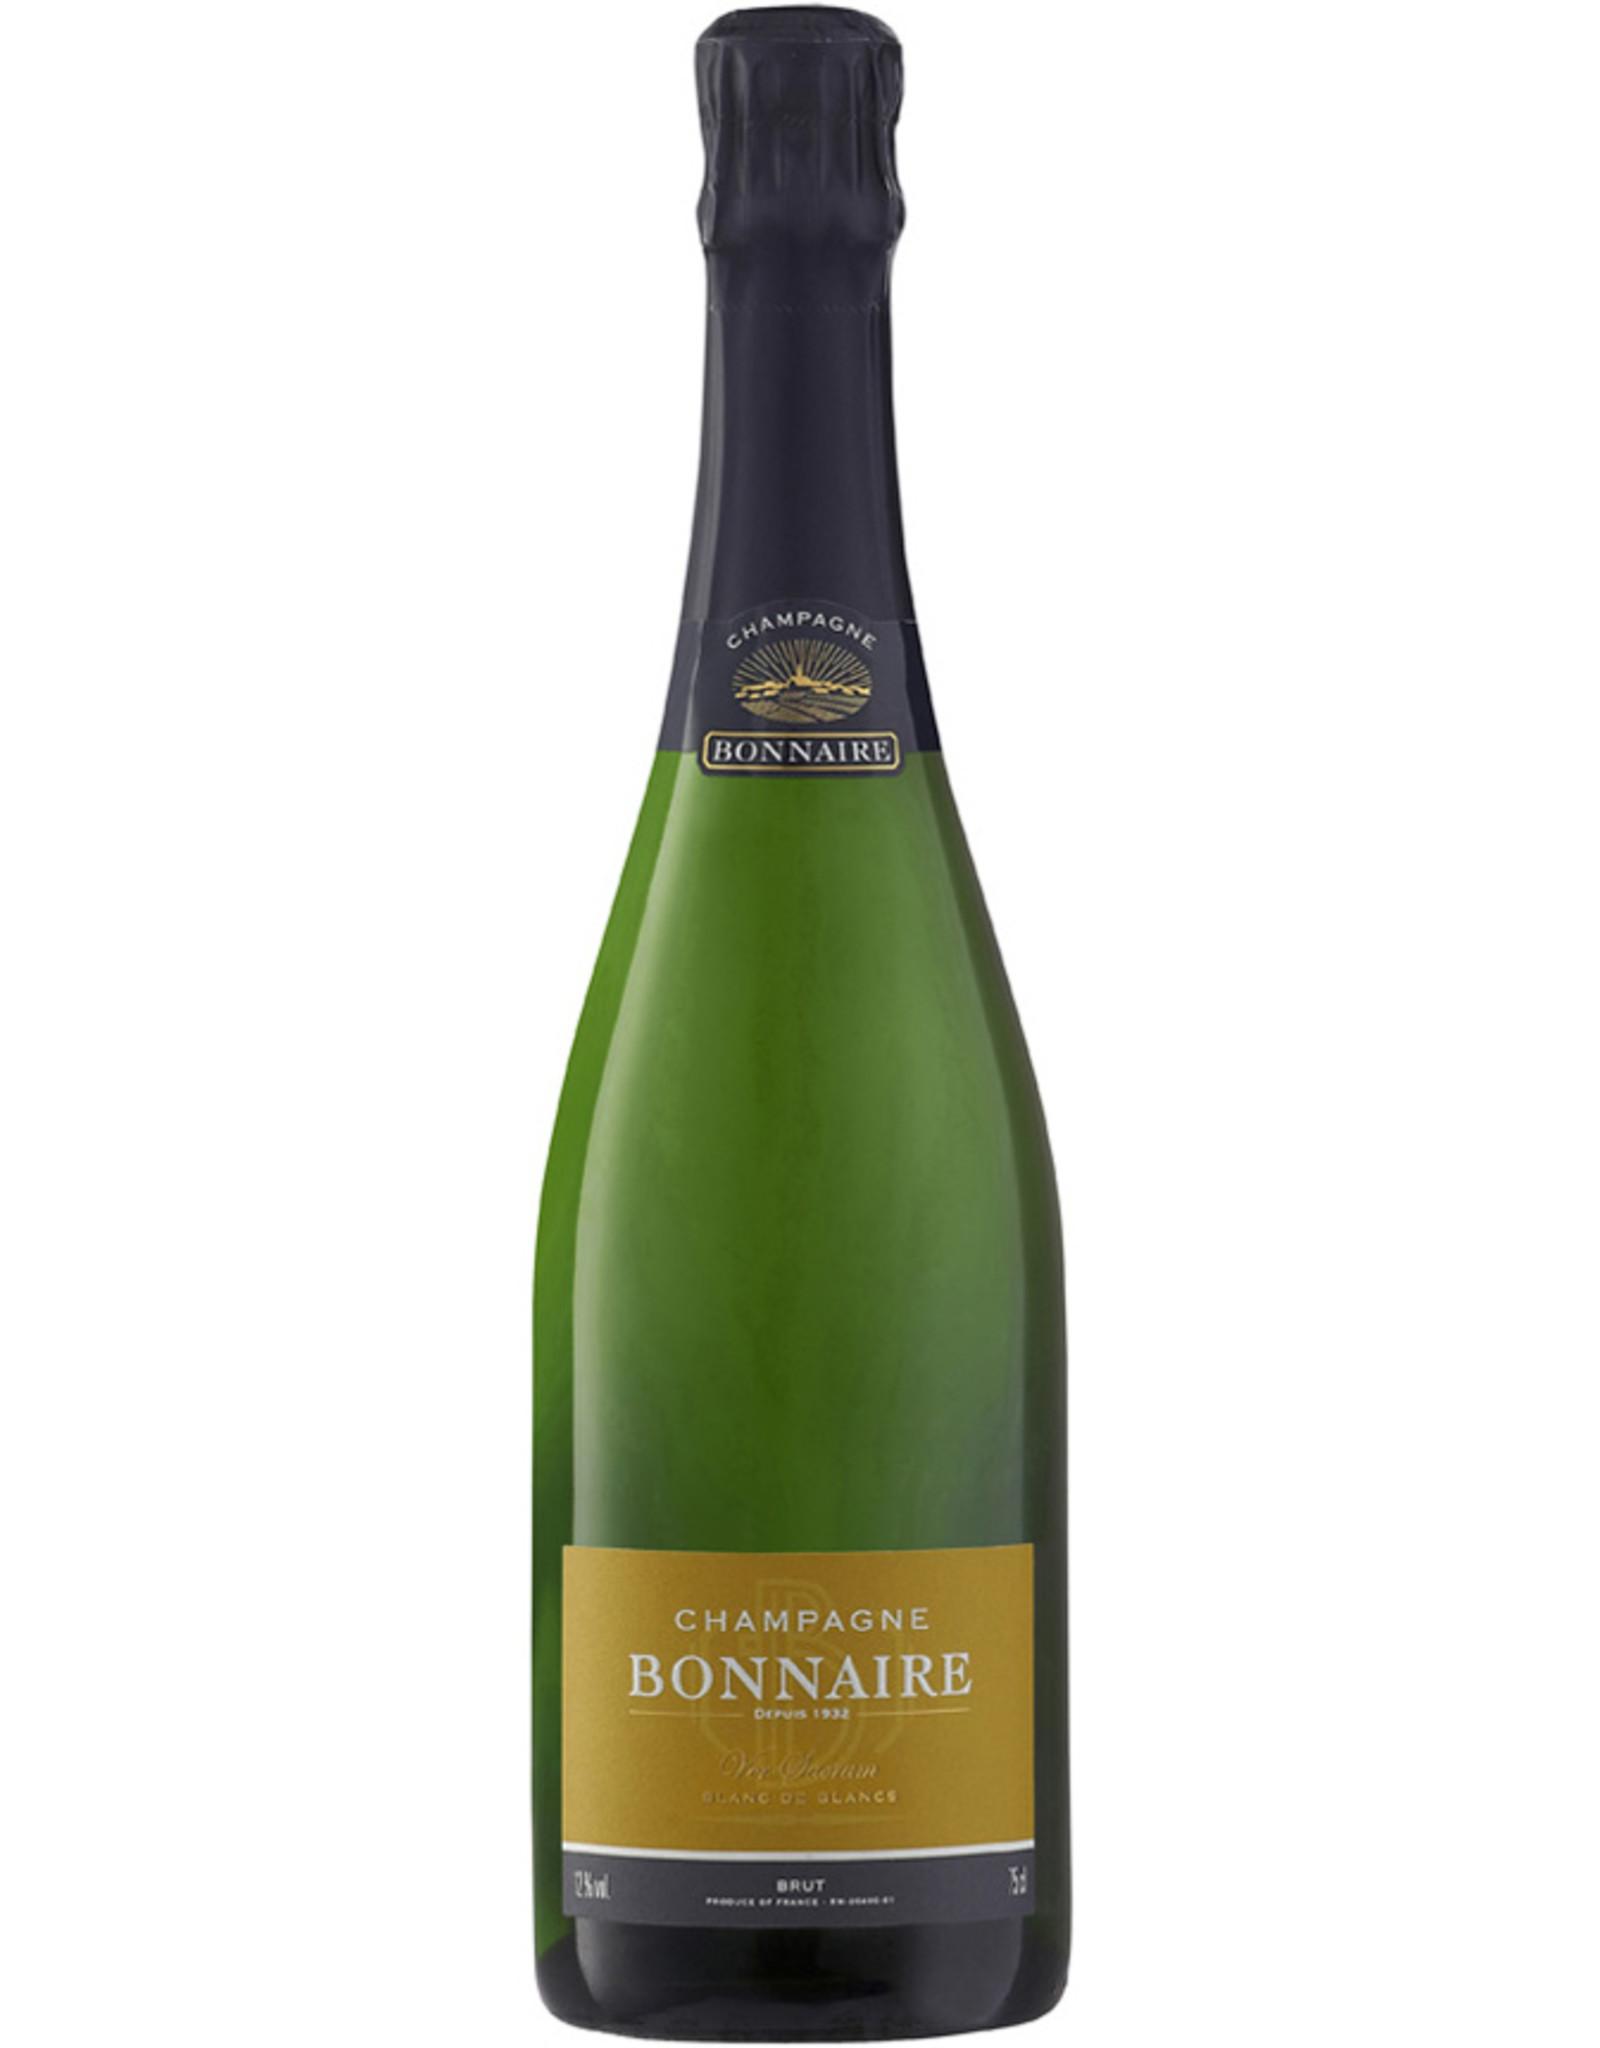 Bonnaire Champagne Bonnaire Ver Sacrum 2009